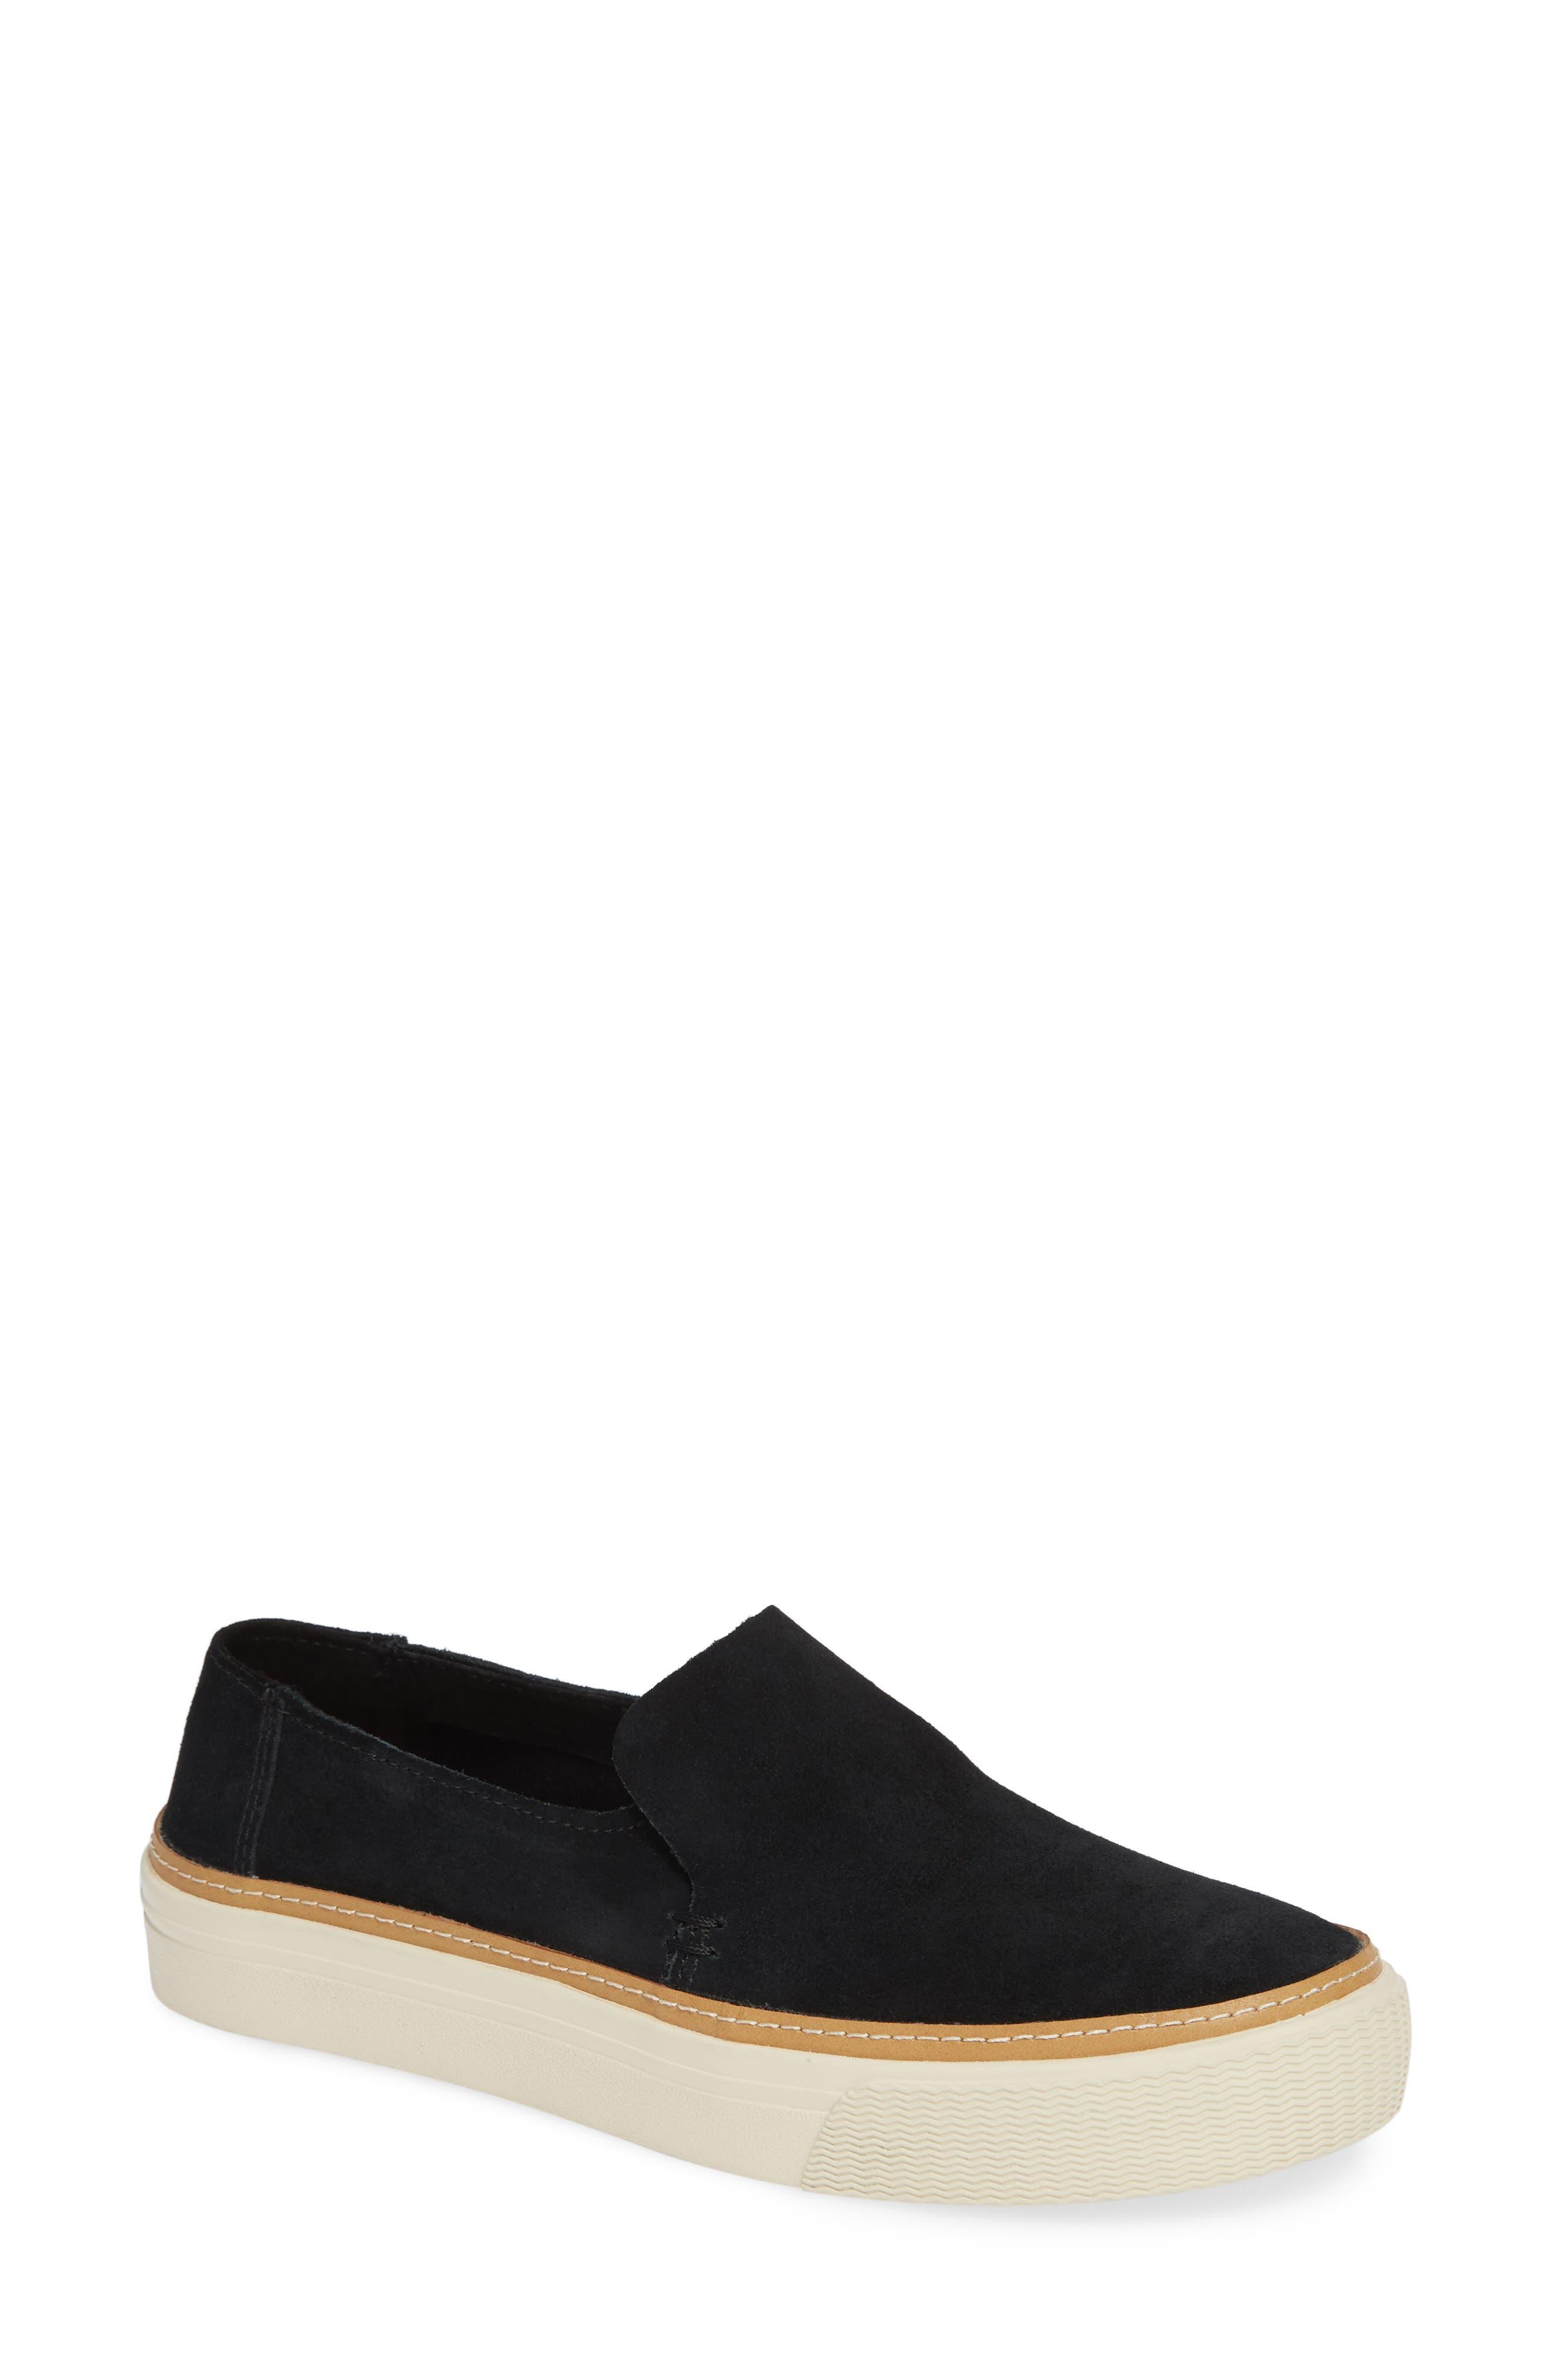 TOMS Sunset Slip-On Sneaker (Women